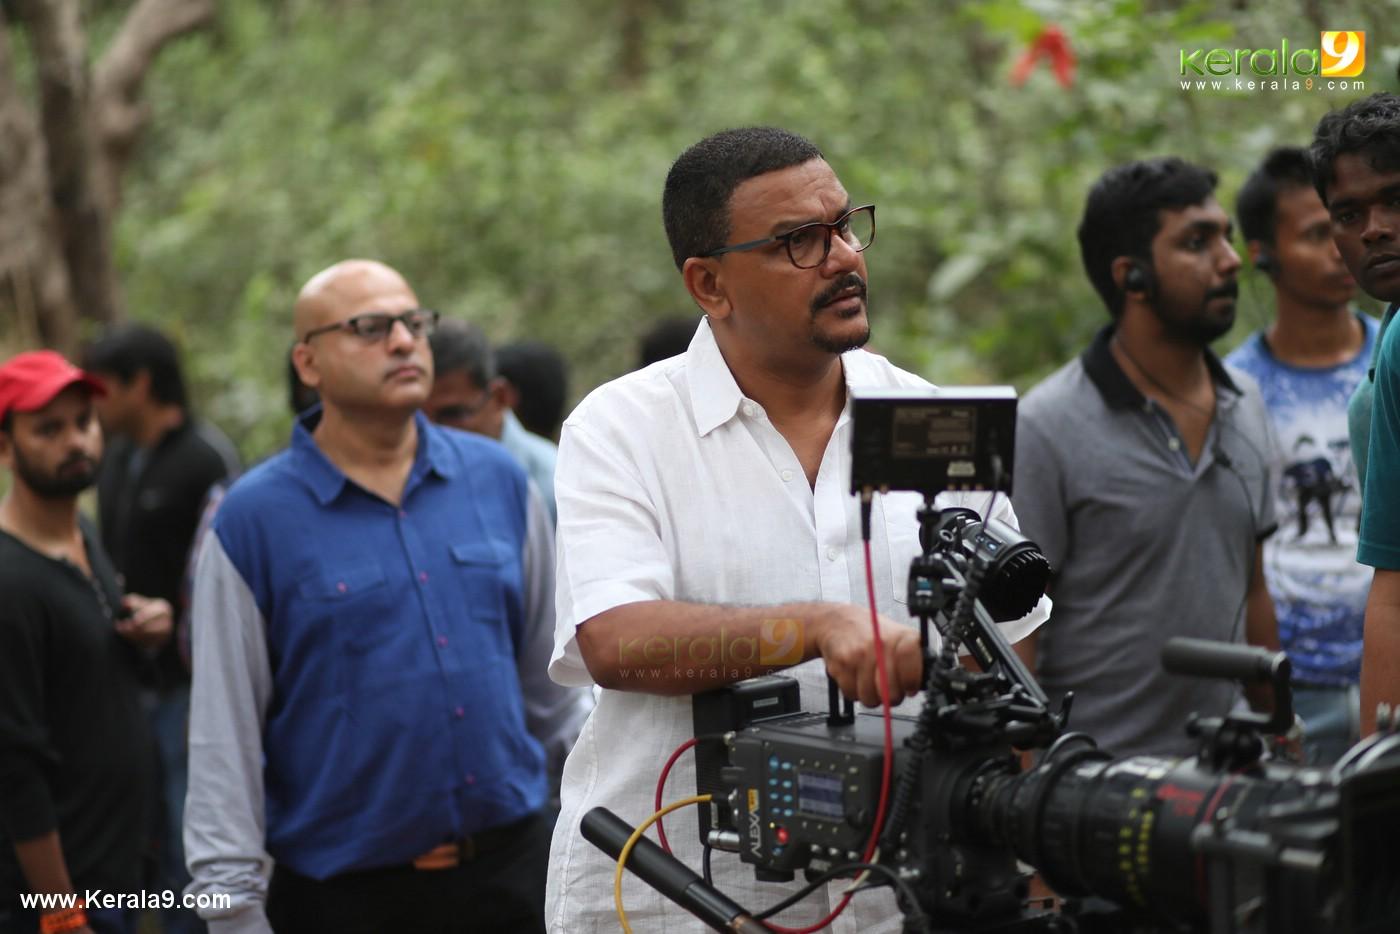 neerali malayalam movie photos 093 2